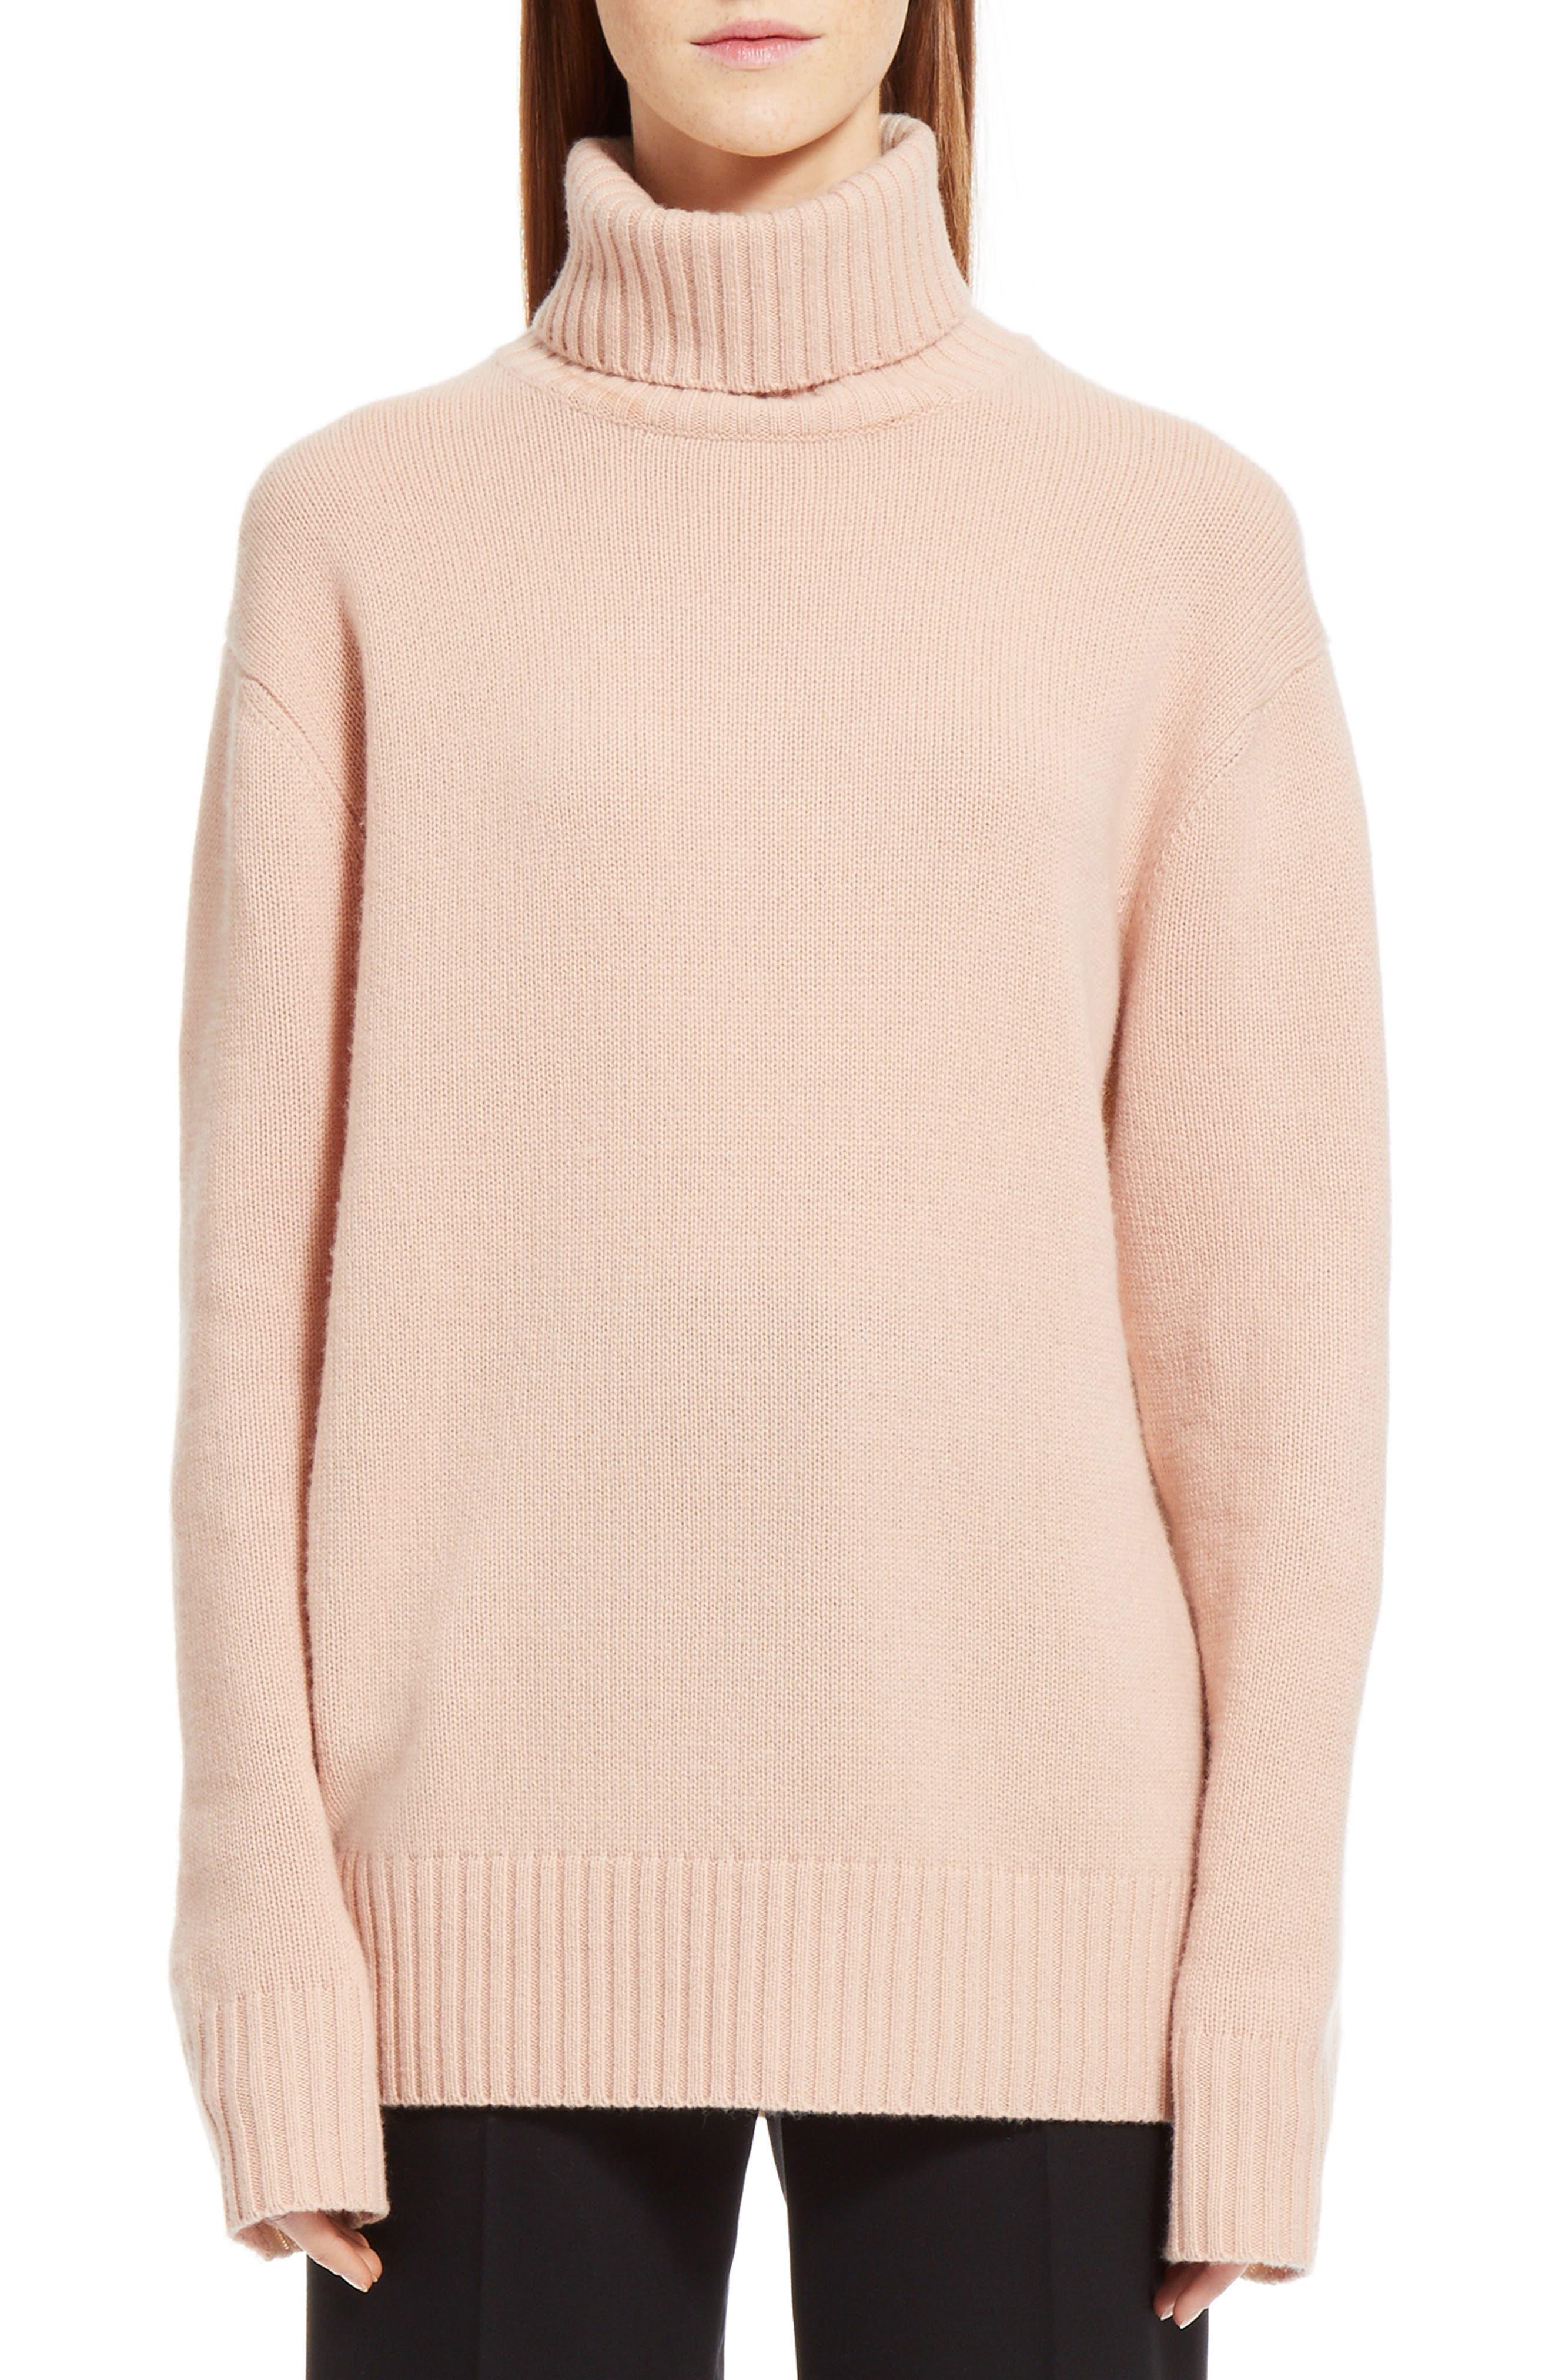 Chloé Colorblock Cashmere Turtleneck Sweater